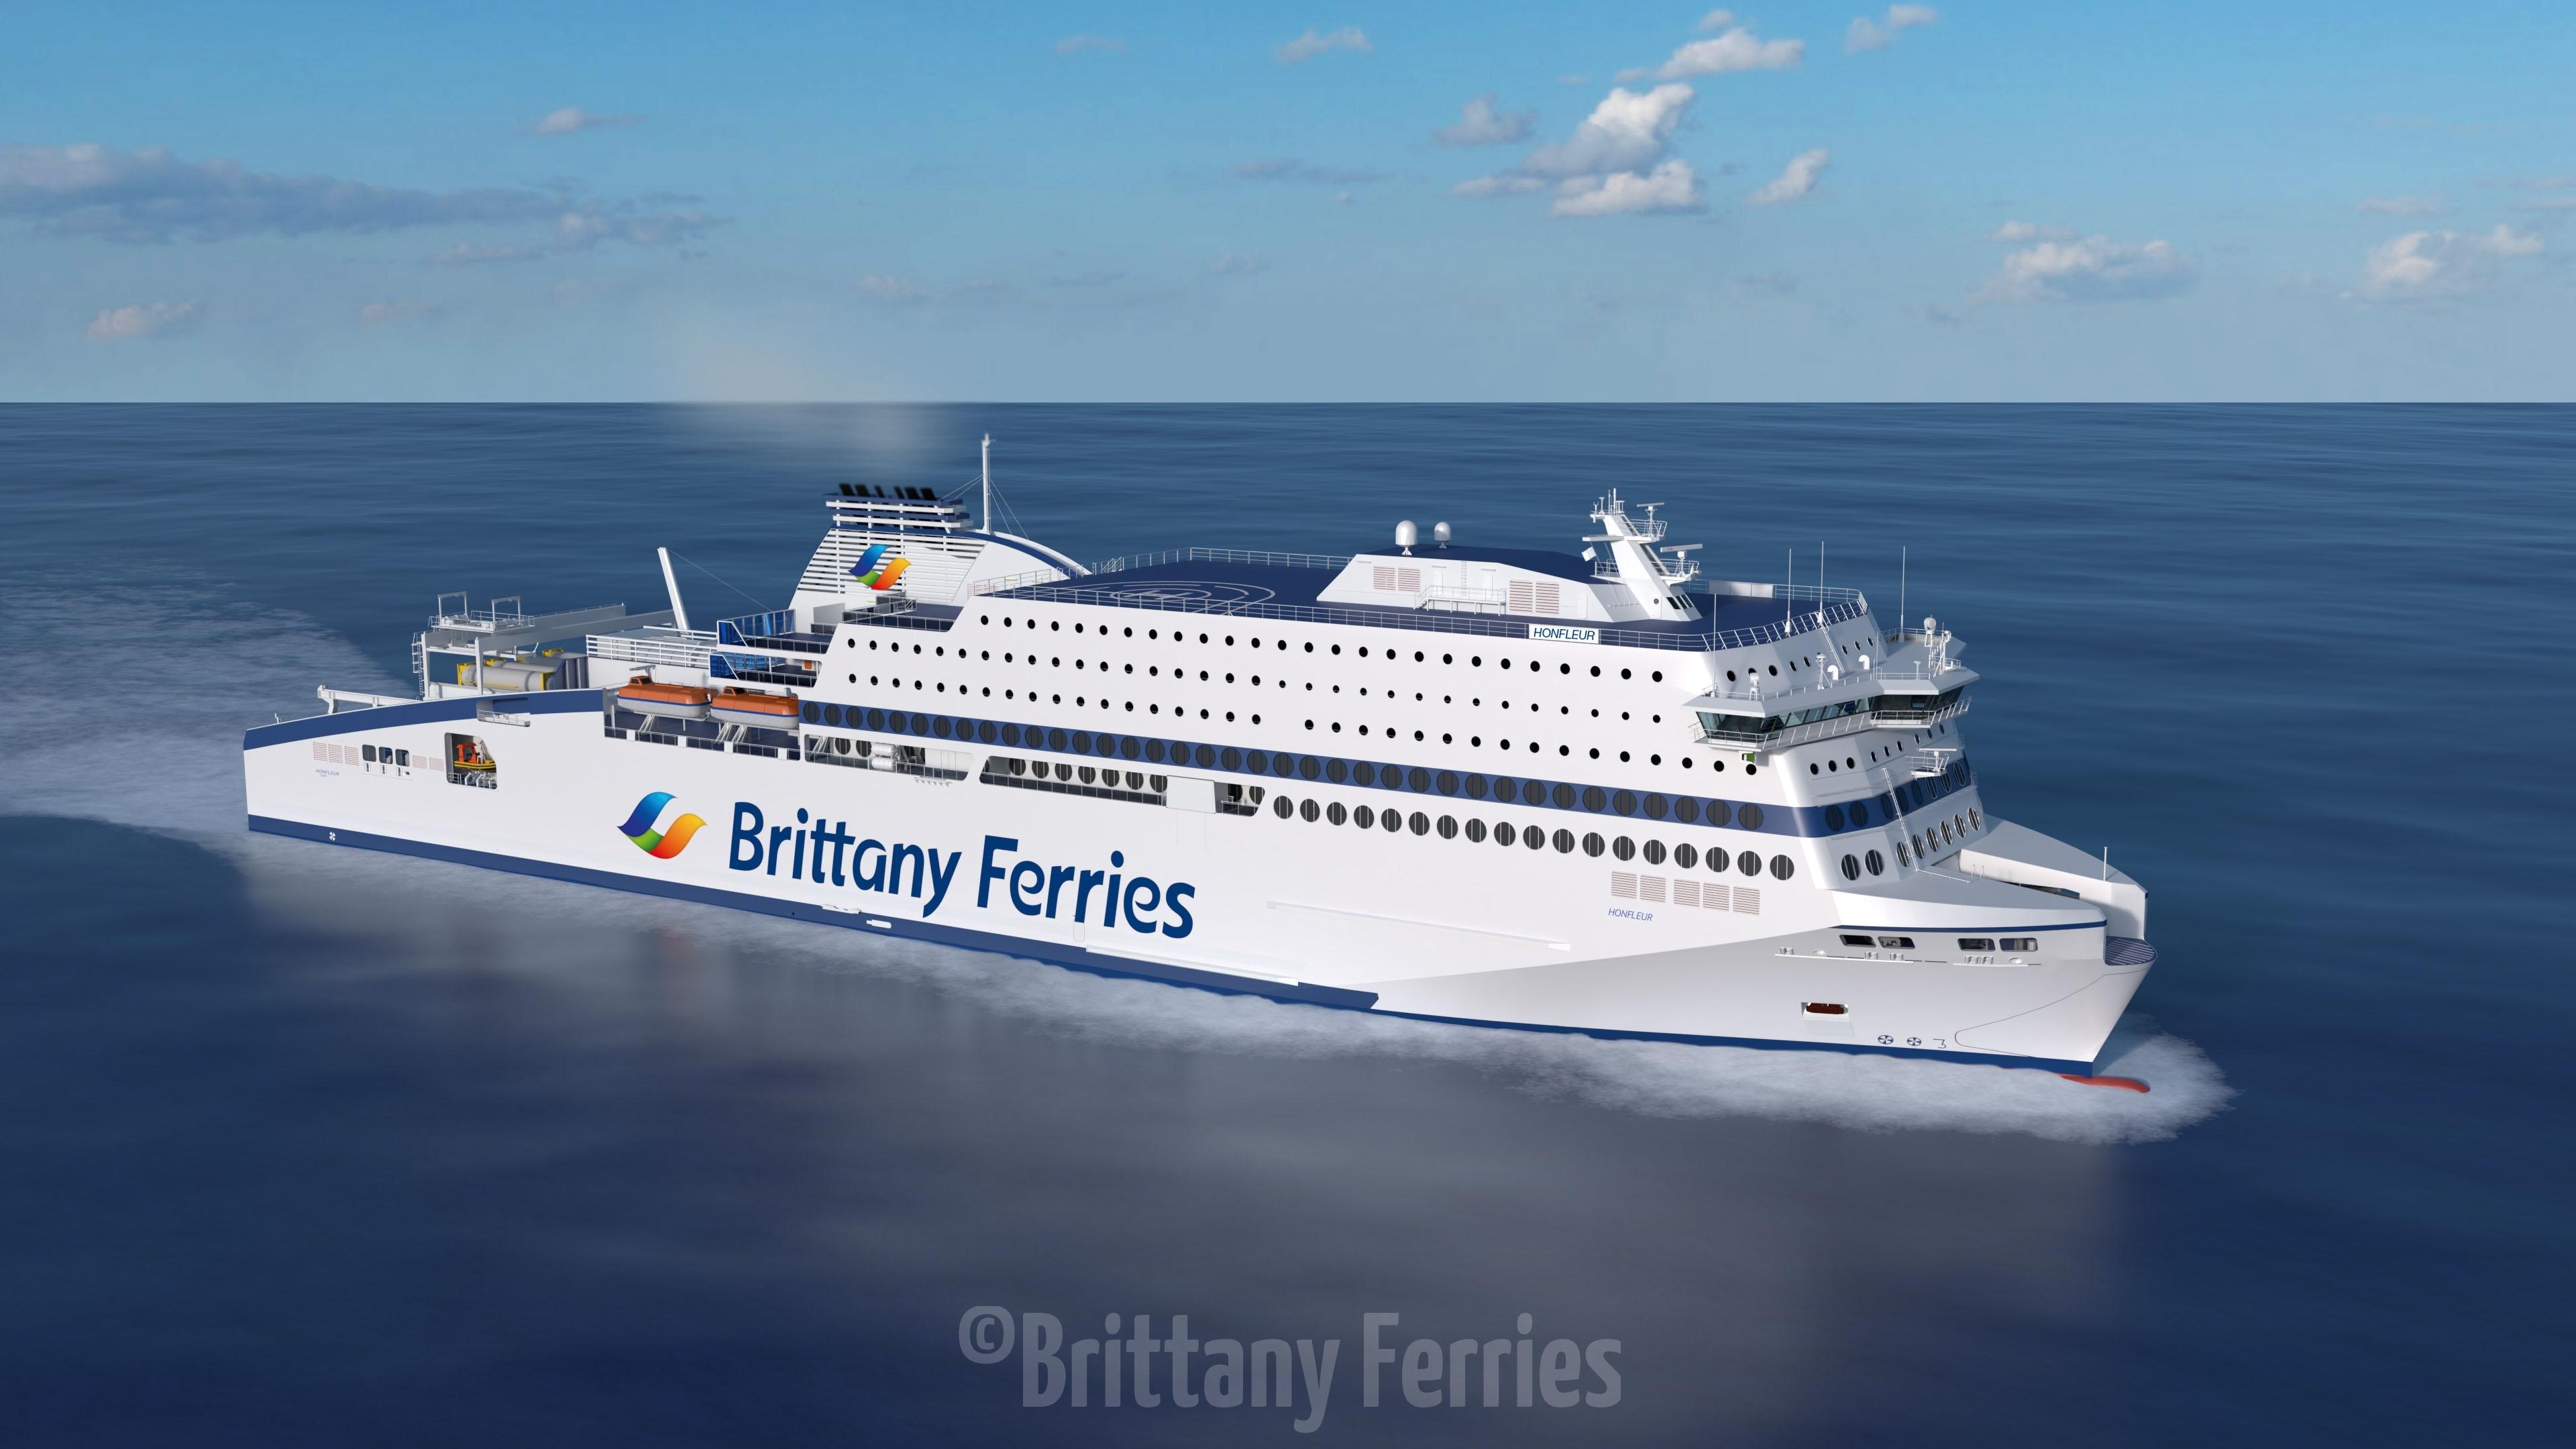 Le honfleur, le futur navire GNL de Brittany Ferries